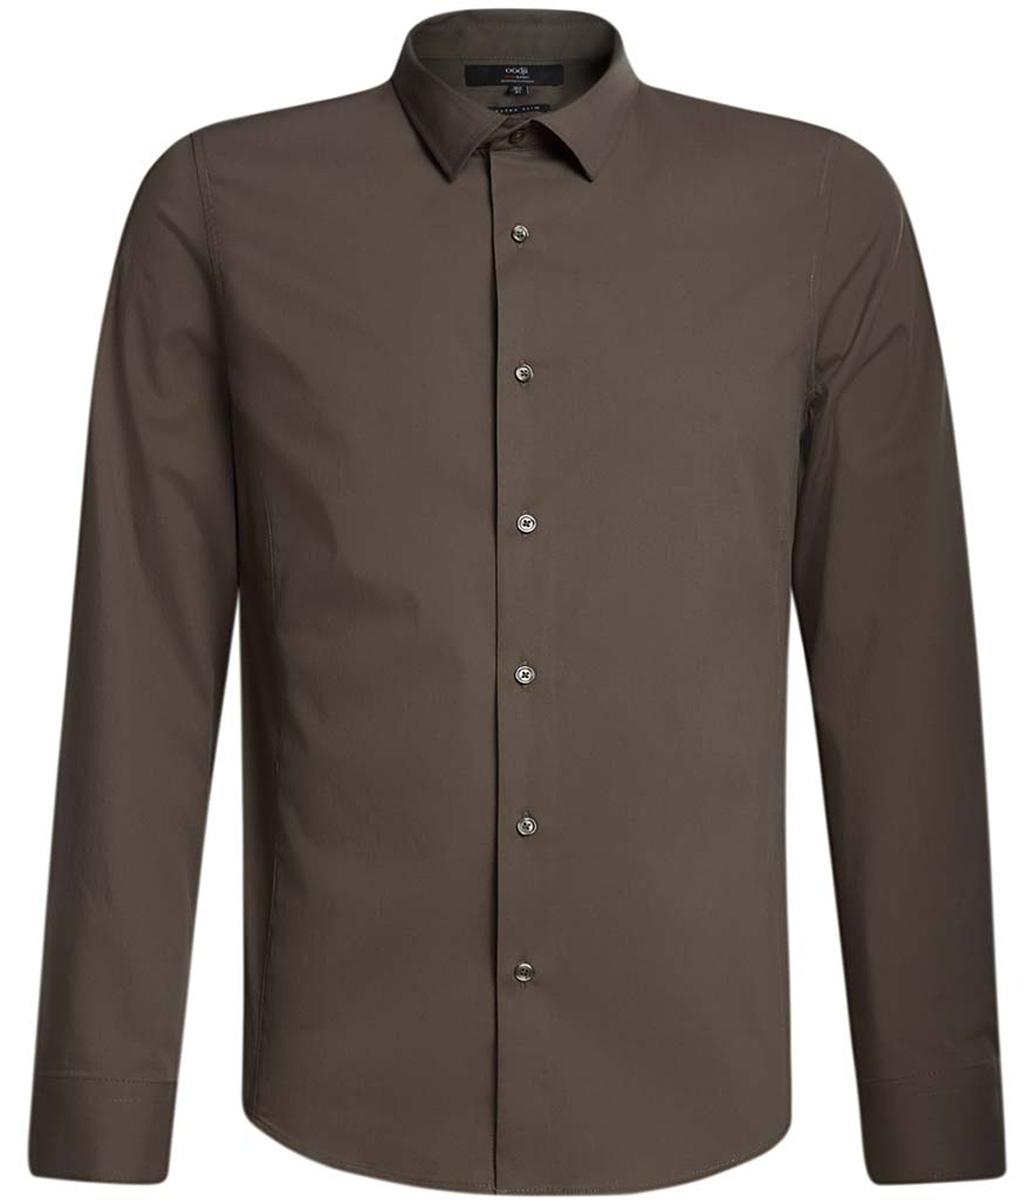 Рубашка мужская oodji Basic, цвет: хаки. 3B140000M/34146N/6600N. Размер 41-182 (50-182)3B140000M/34146N/6600NБазовая мужская рубашка приталенного силуэта (extra slim) oodji Basic изготовлена из хлопка с добавлением полиамида и эластана. Она мягкая и приятная на ощупь, не сковывает движения и позволяет коже дышать, обеспечивая наибольший комфорт. Рубашка с отложным воротником и длинными рукавами застегивается на пуговицы. Манжеты рукавов также застегиваются на пуговицы.